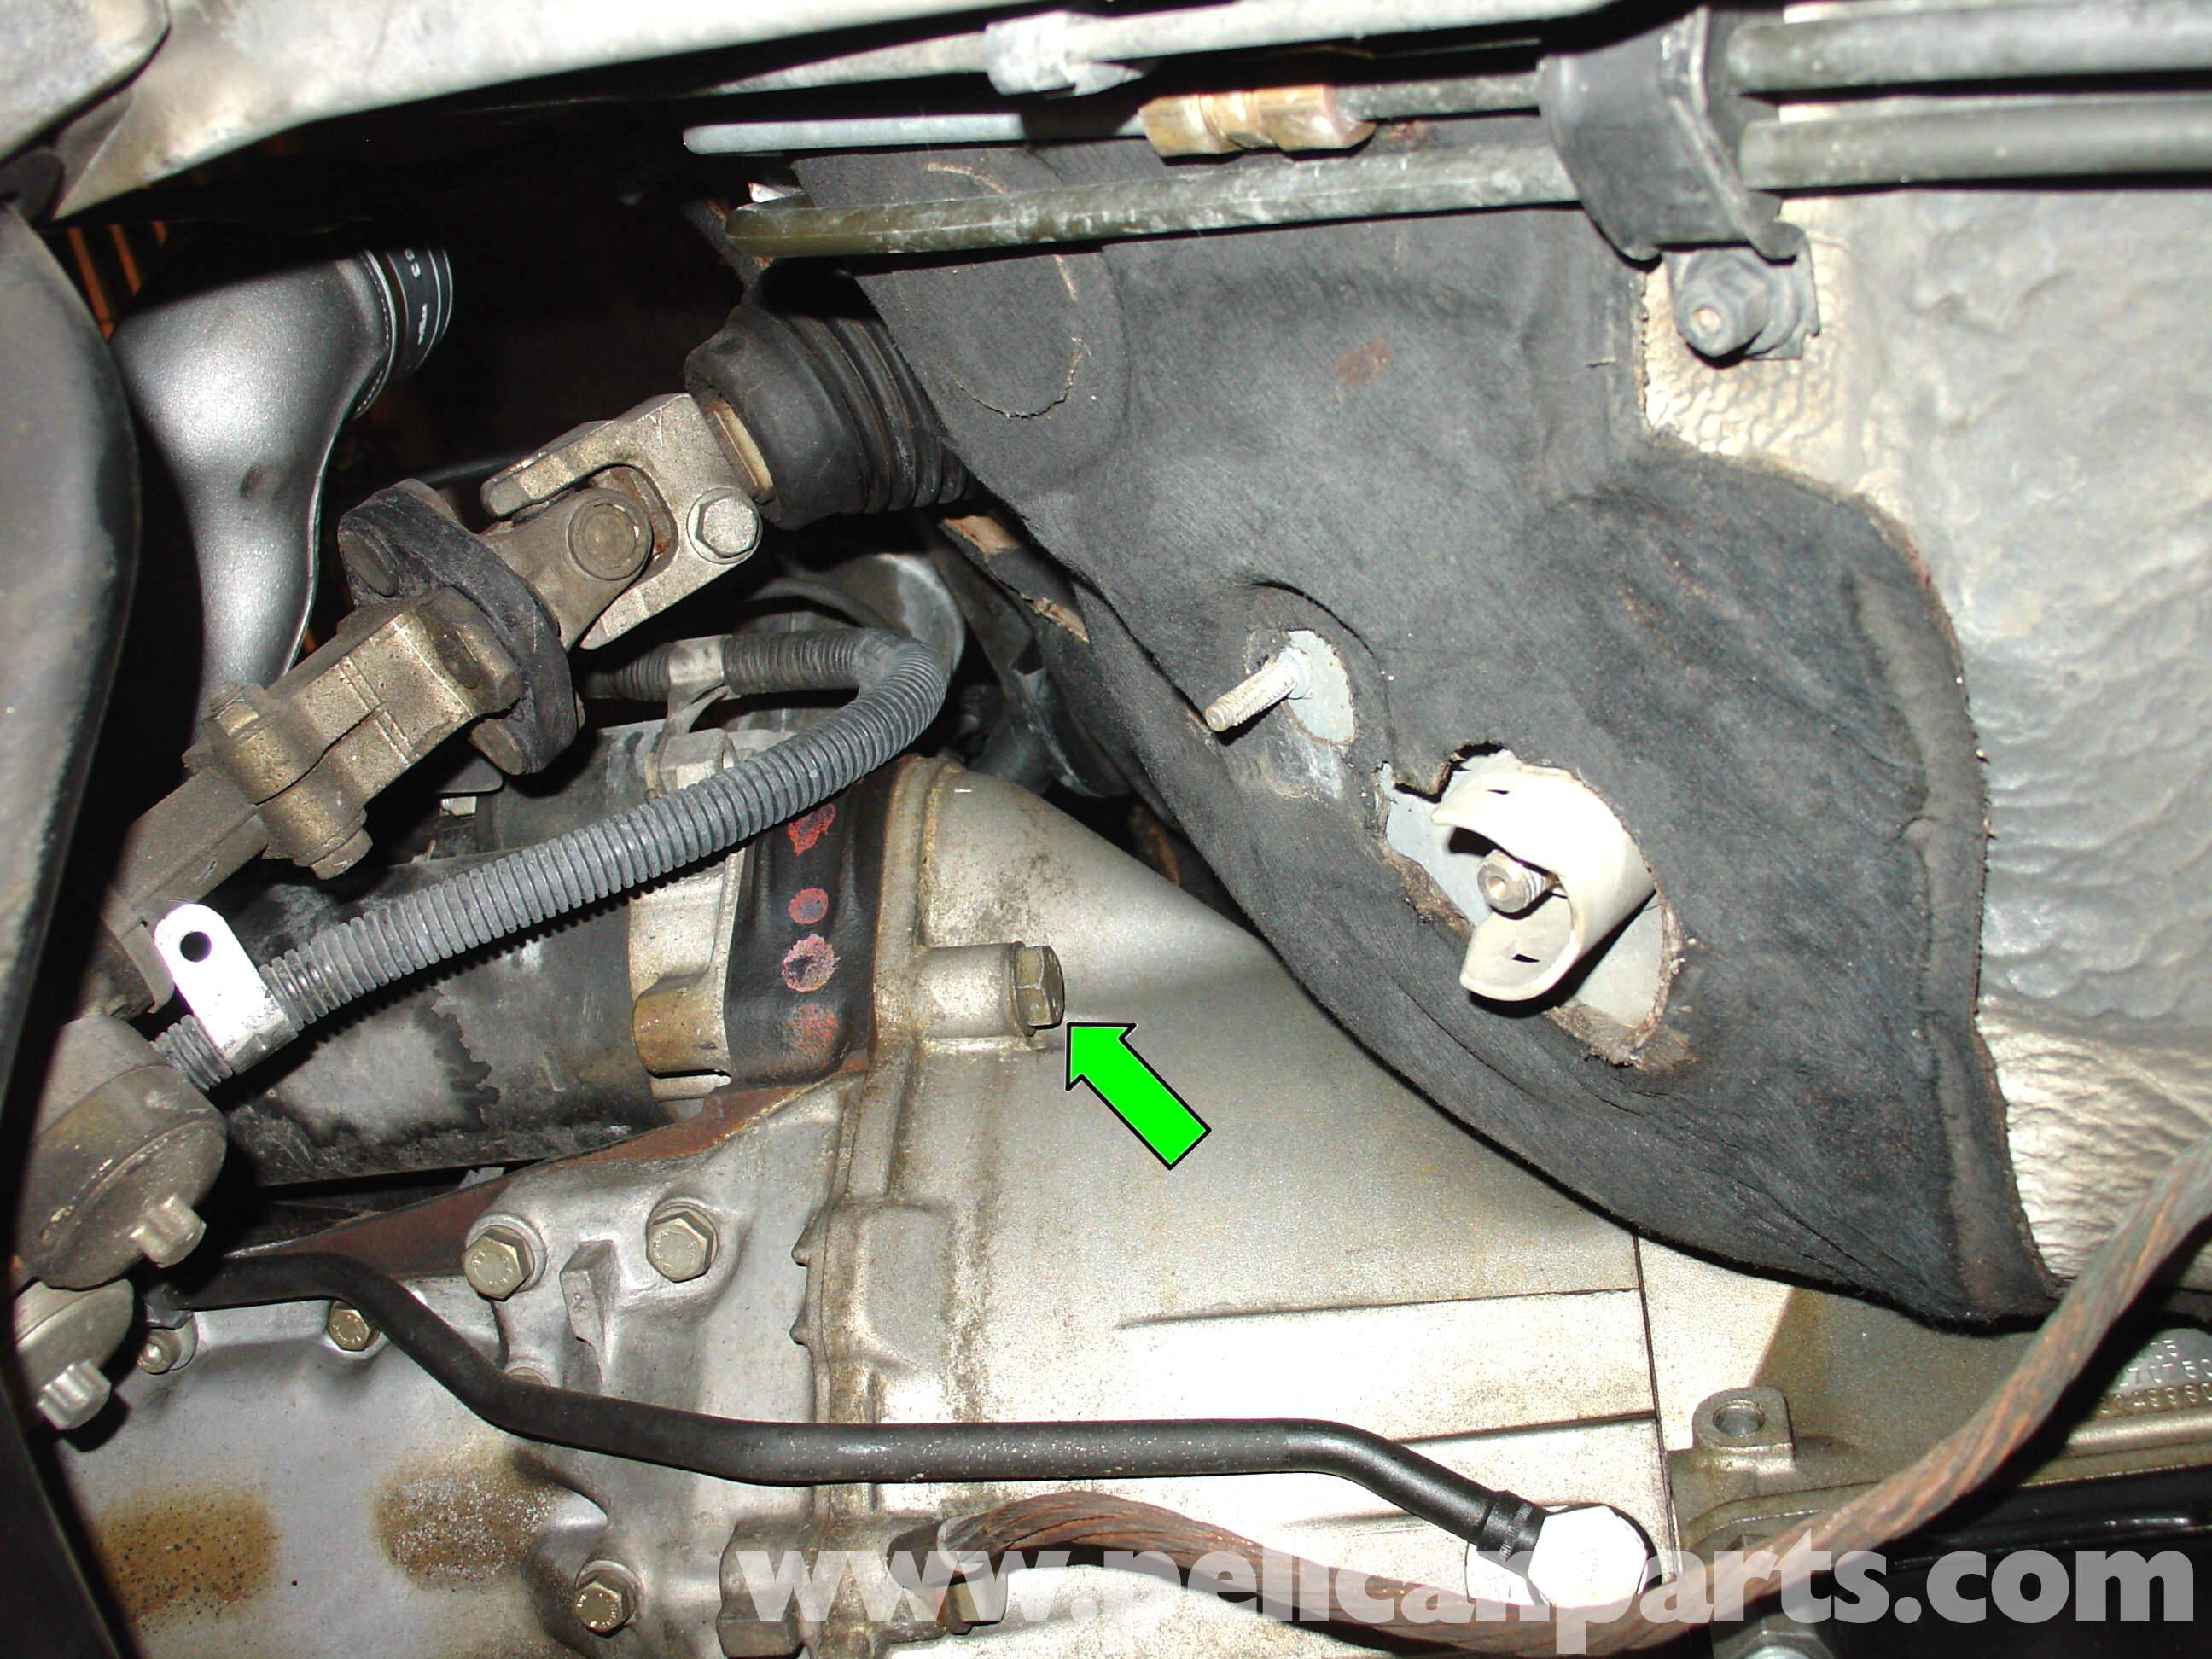 dt466 wire diagram #19 dt466e engine parts diagram dt466 wire diagram #19